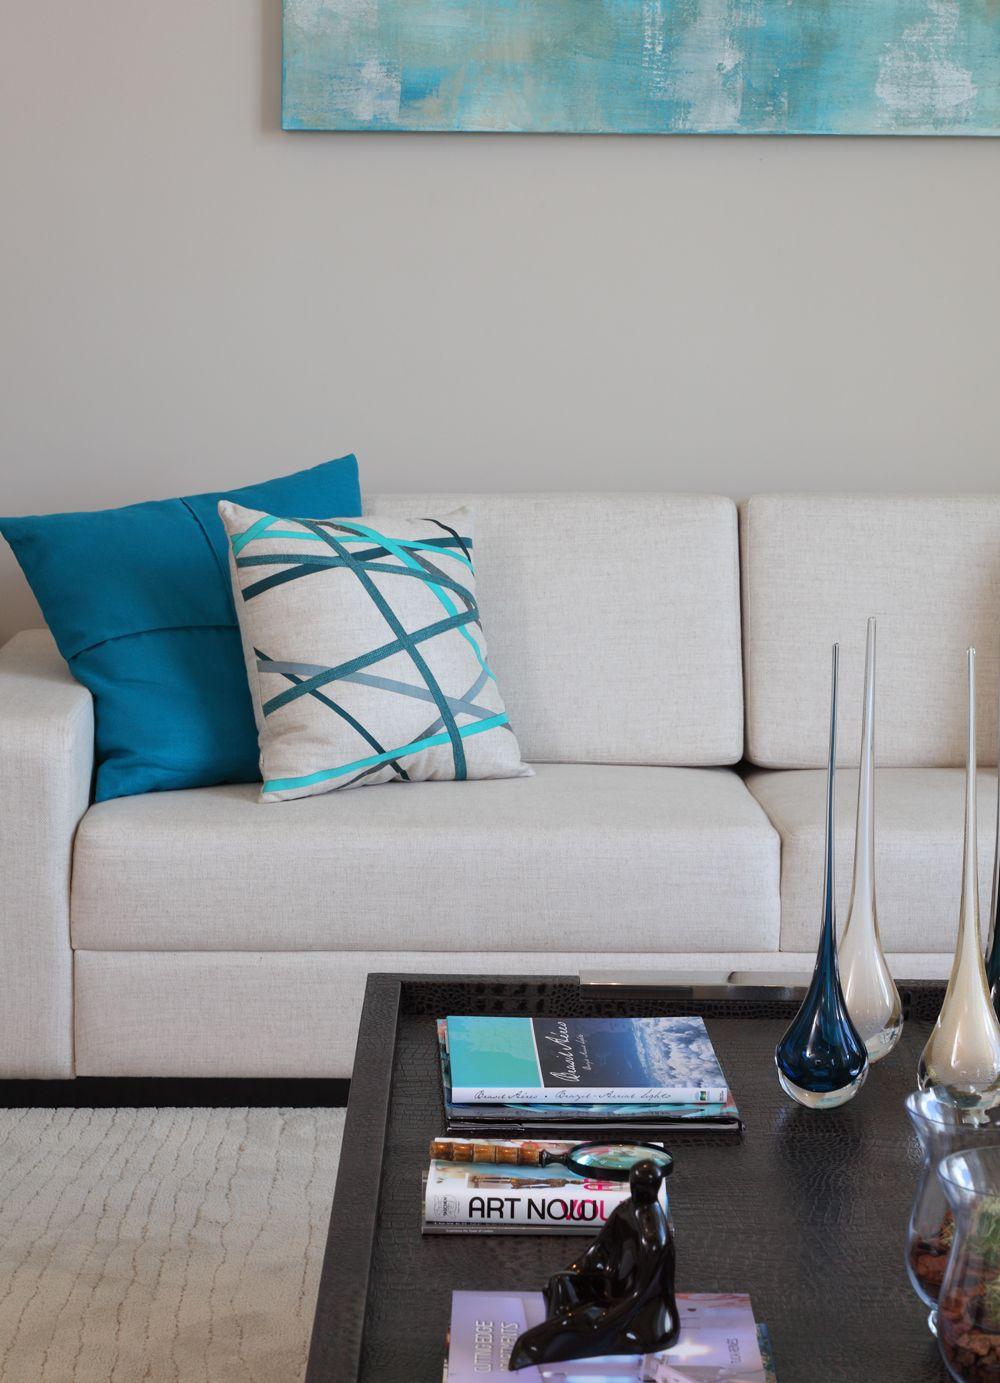 Casa de valentina i com vista para o parque i overlooking - Sofa azul turquesa ...